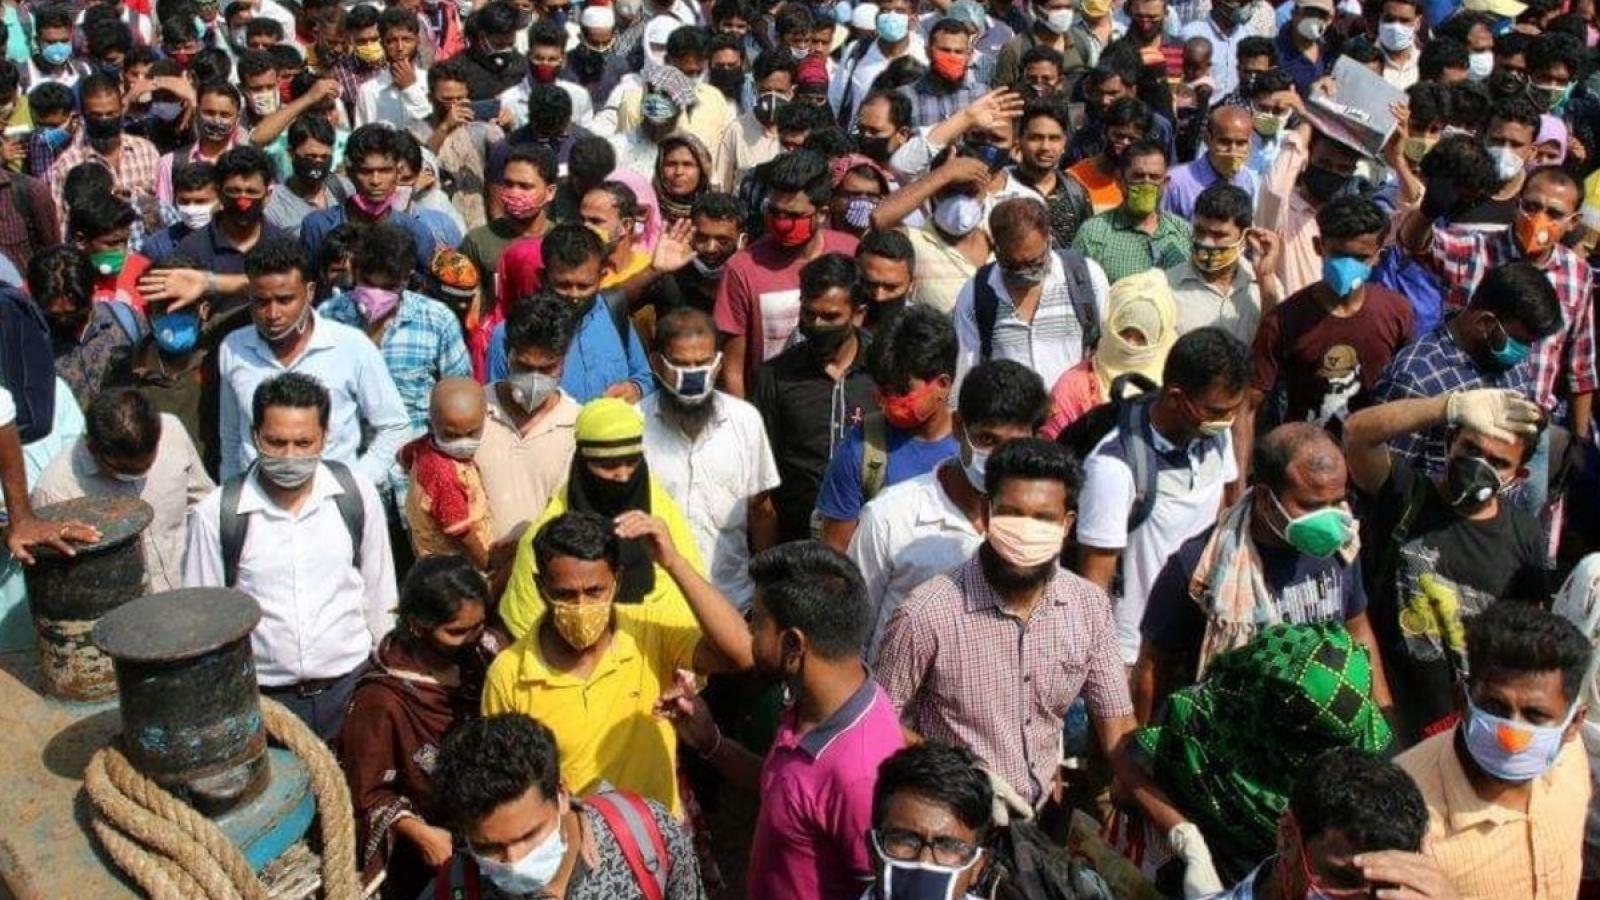 Gần 2/3 số quận, huyện của Bangladesh có nguy cơ Covid-19 rất cao